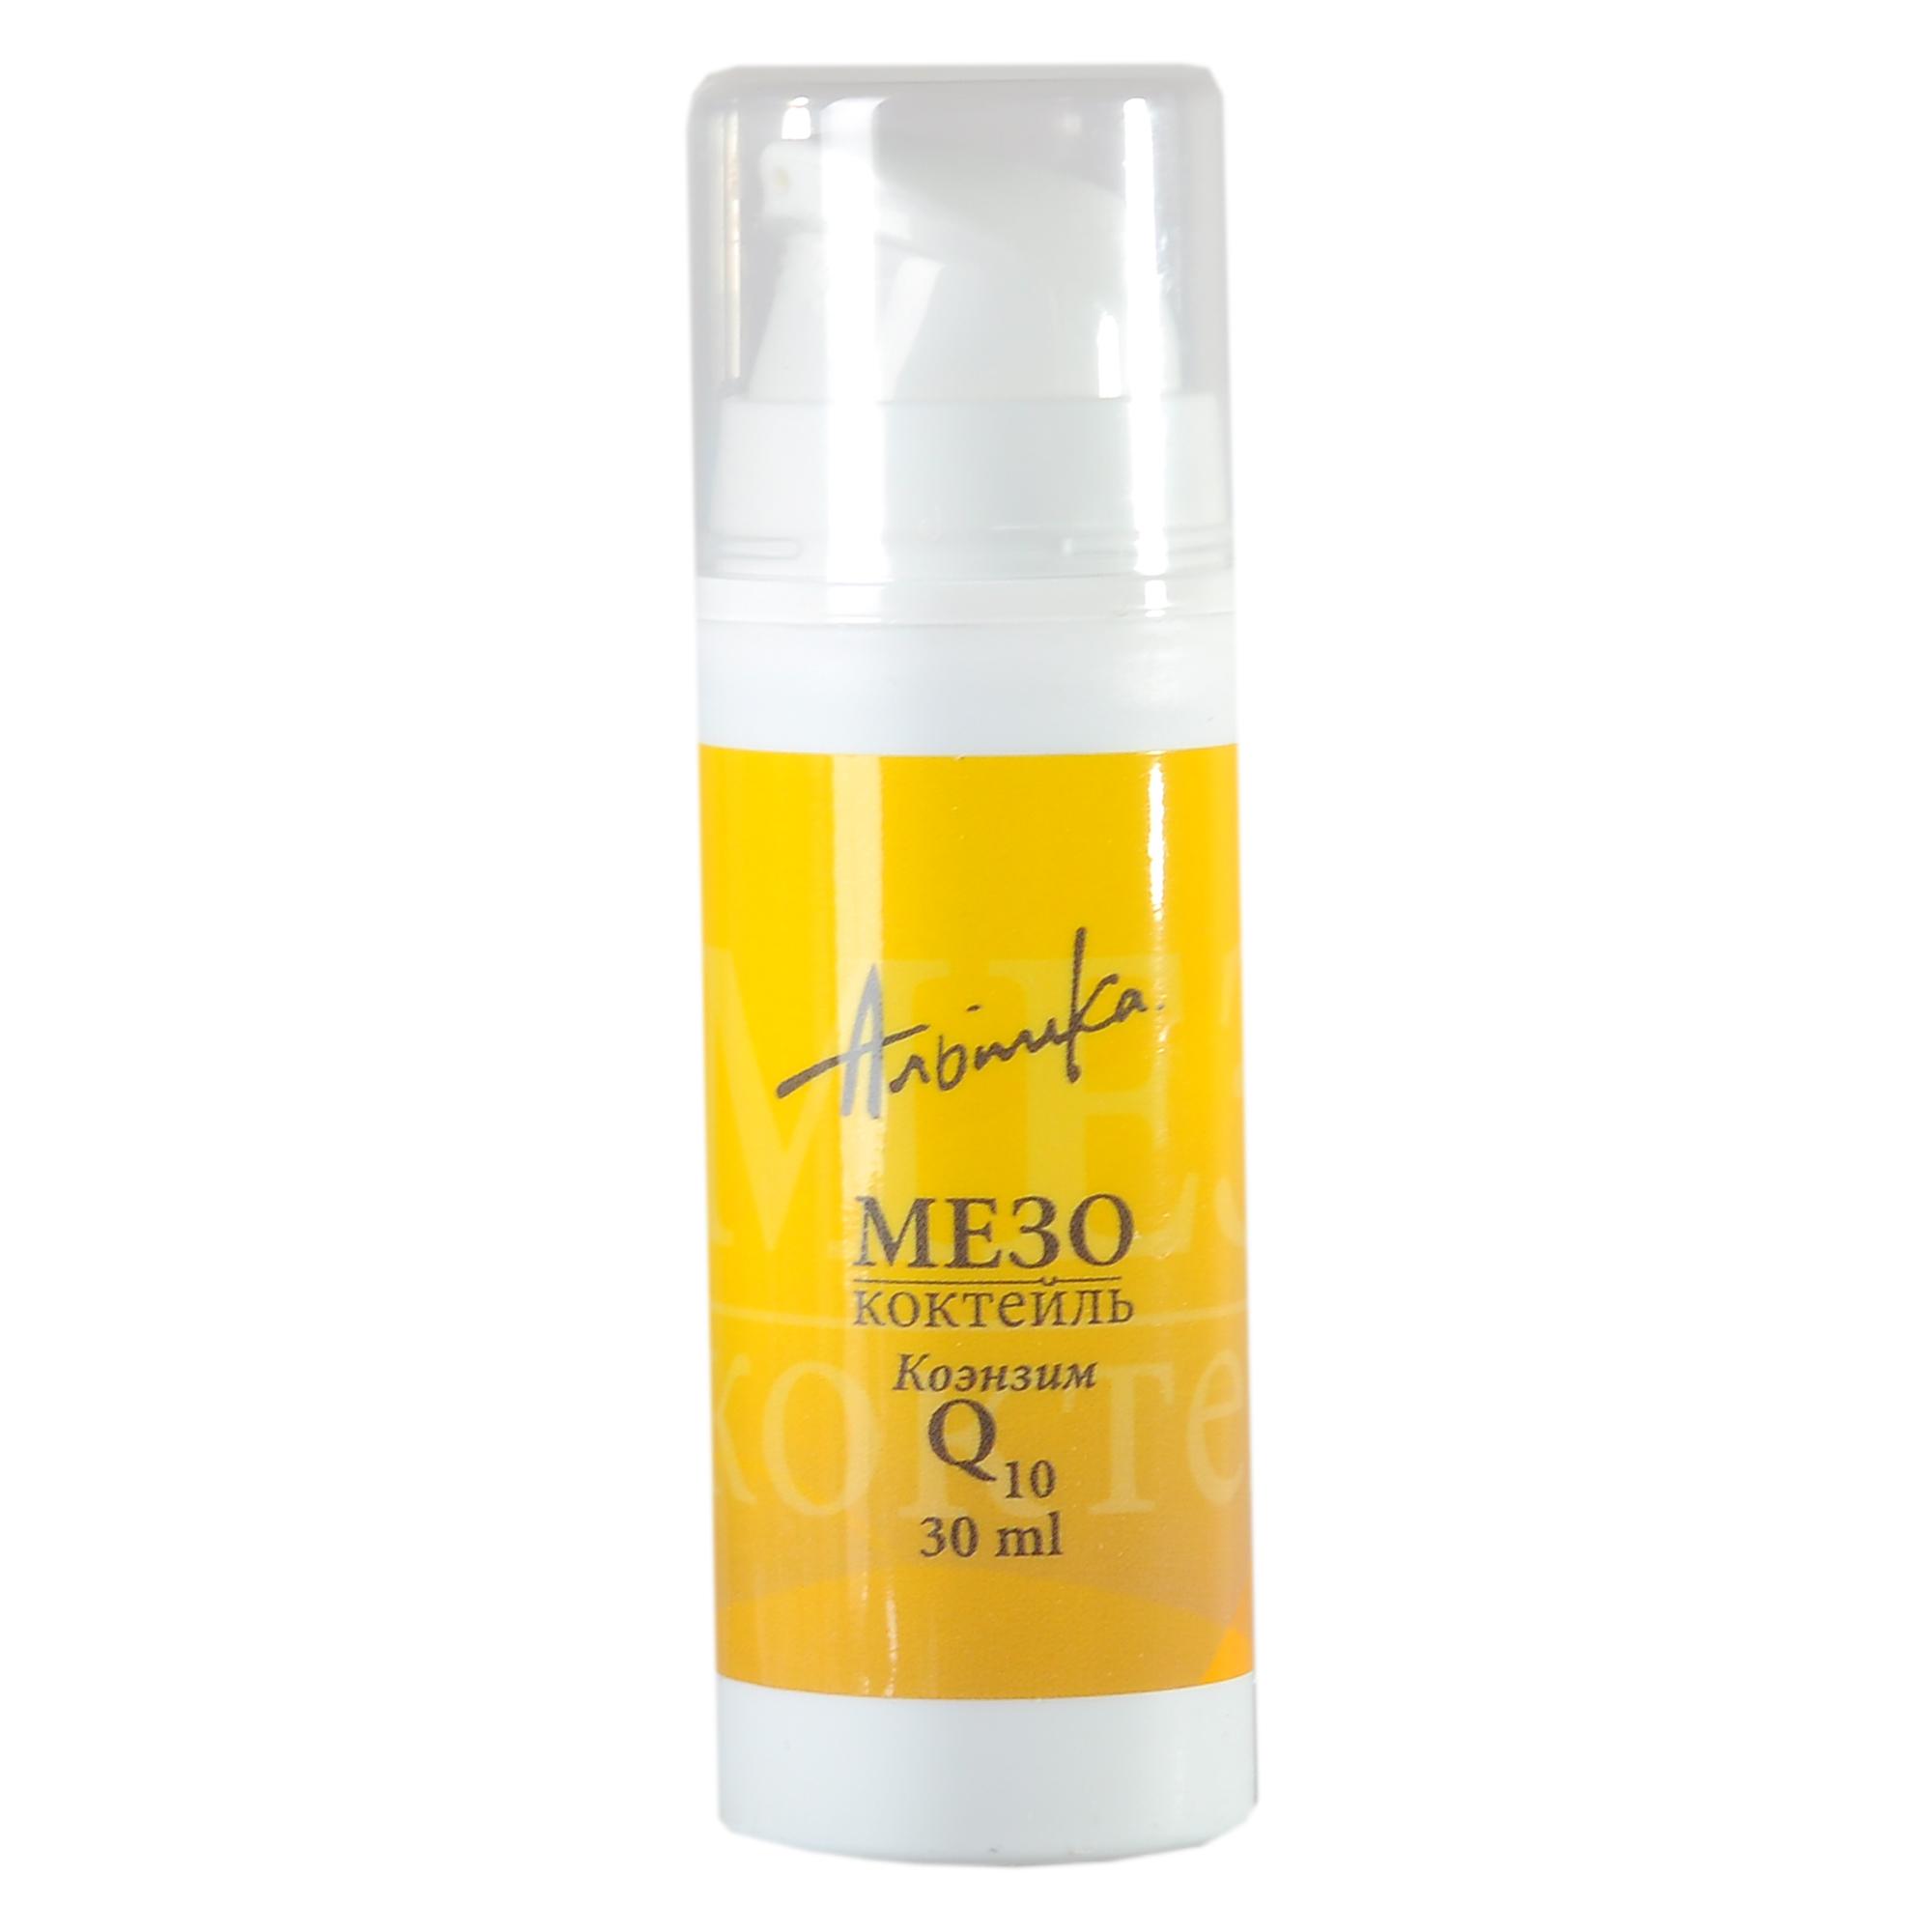 АЛЬПИКА Мезококтейль коэнзим Q10 30млОсобые средства<br>Мощный коктейль, содержащий Коэнзим Q10, который стимулирует снабжение клеток энергией, усиливает действие витамина А по восстановлению эластиновых волокон кожи. В сочетании с гиалуроновой кислотой способствует быстрому омоложению. Активные ингредиенты: альпосомы, содержащие экстракты алоэ барбадосского, корня женьшеня, гиалуронат натрия, коэнзим Q10, аскорбилфосфат магния, витамин Е, эфирные масла мирры, можжевельника, грейпфрута, лиметта. Способ применения: утром/вечером нанести мезококтейль на предварительно очищенную кожу лица, шеи и декольте. Рекомендуется использовать с кремом Коэнзим Q10.<br><br>Тип: Мезококтейль<br>Объем: 30 мл